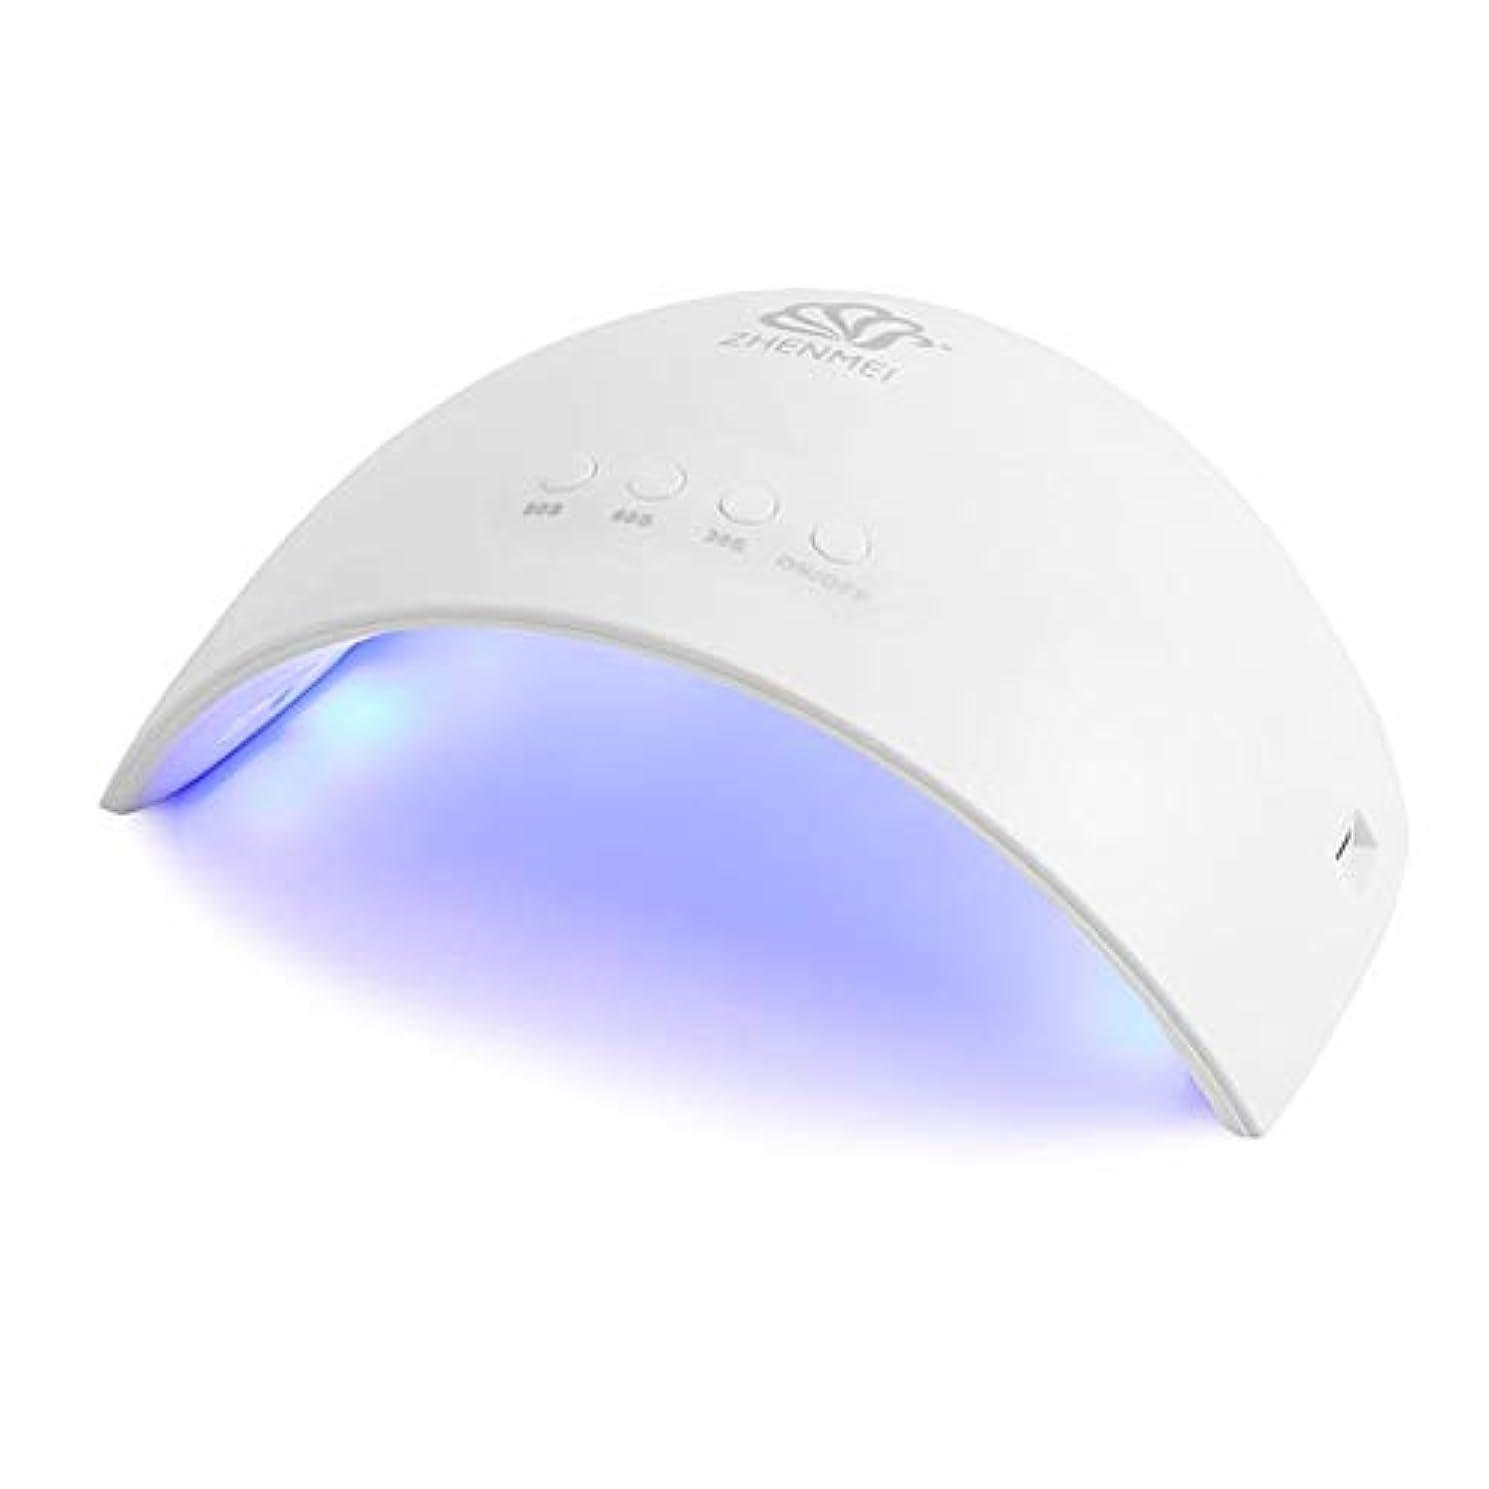 無視有害デッキCheiss UVライト LEDネイルドライヤー ジェルネイルLEDライト 硬化ライト タイマーマニキュア乾燥ツール 爪&足首用 設定可能 折りたたみ 人感センサー式